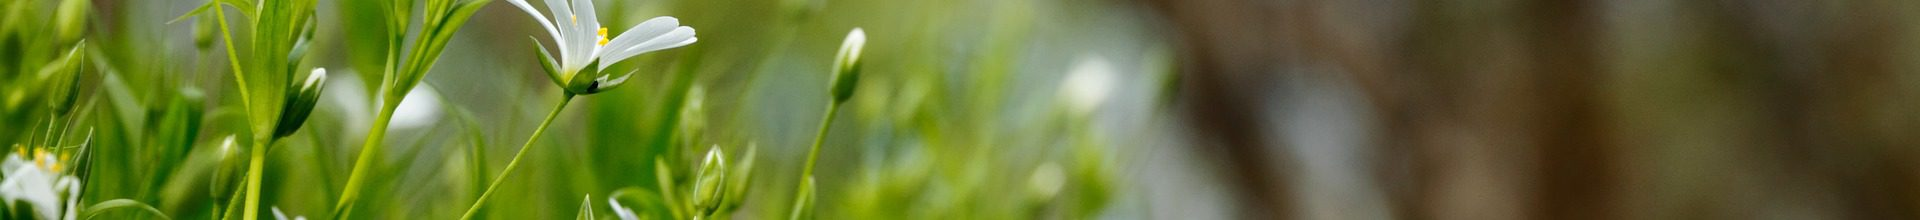 scarificateur pelouse